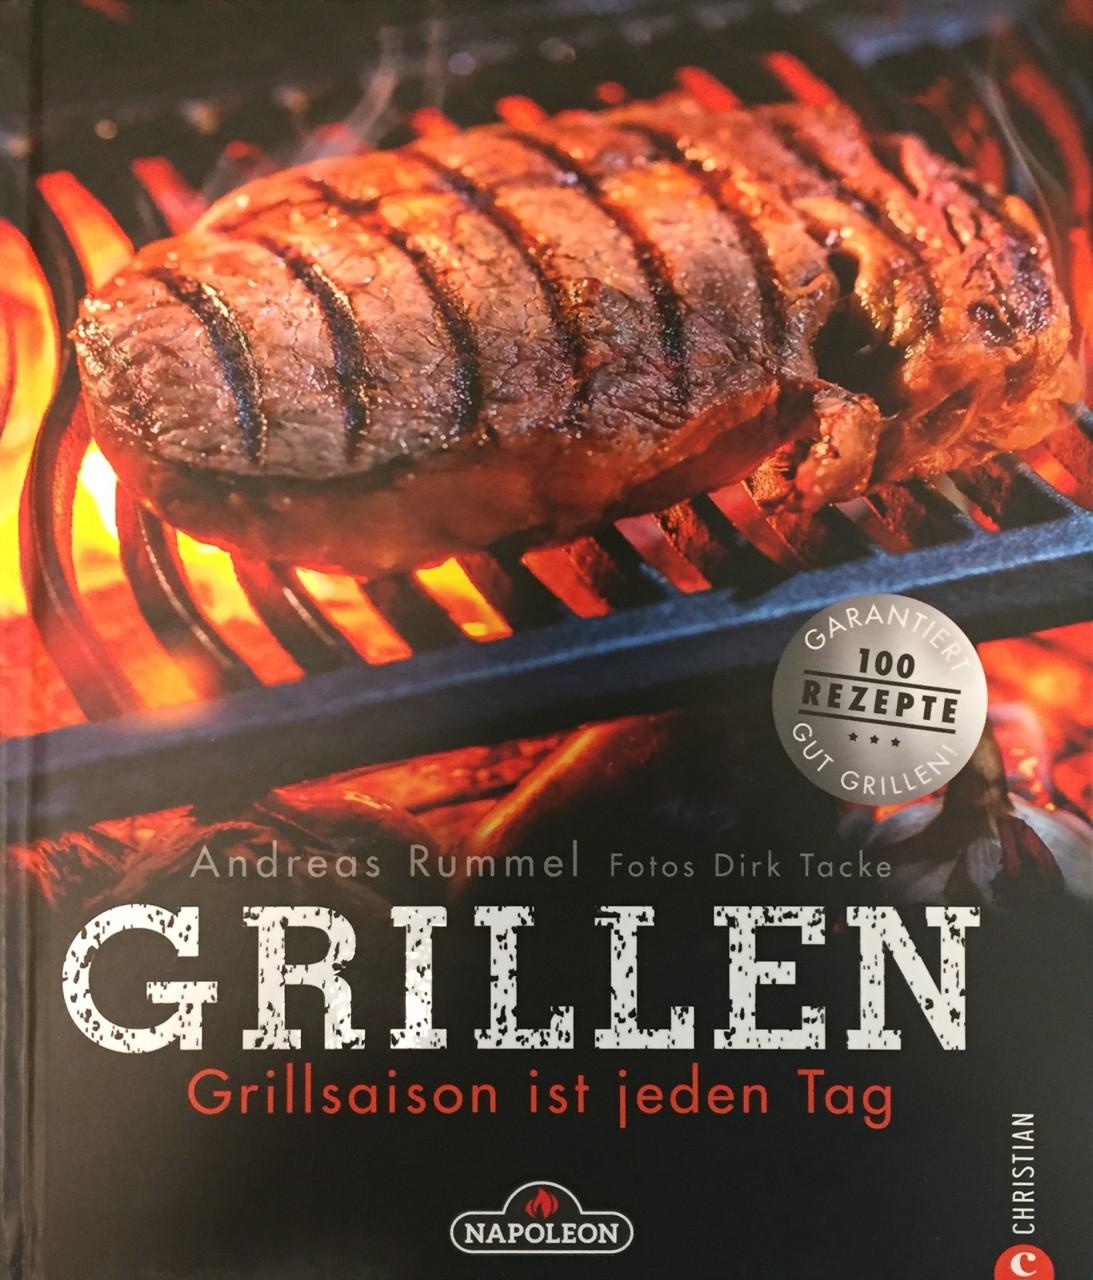 Grillbuch: Grillsaison ist jeden Tag